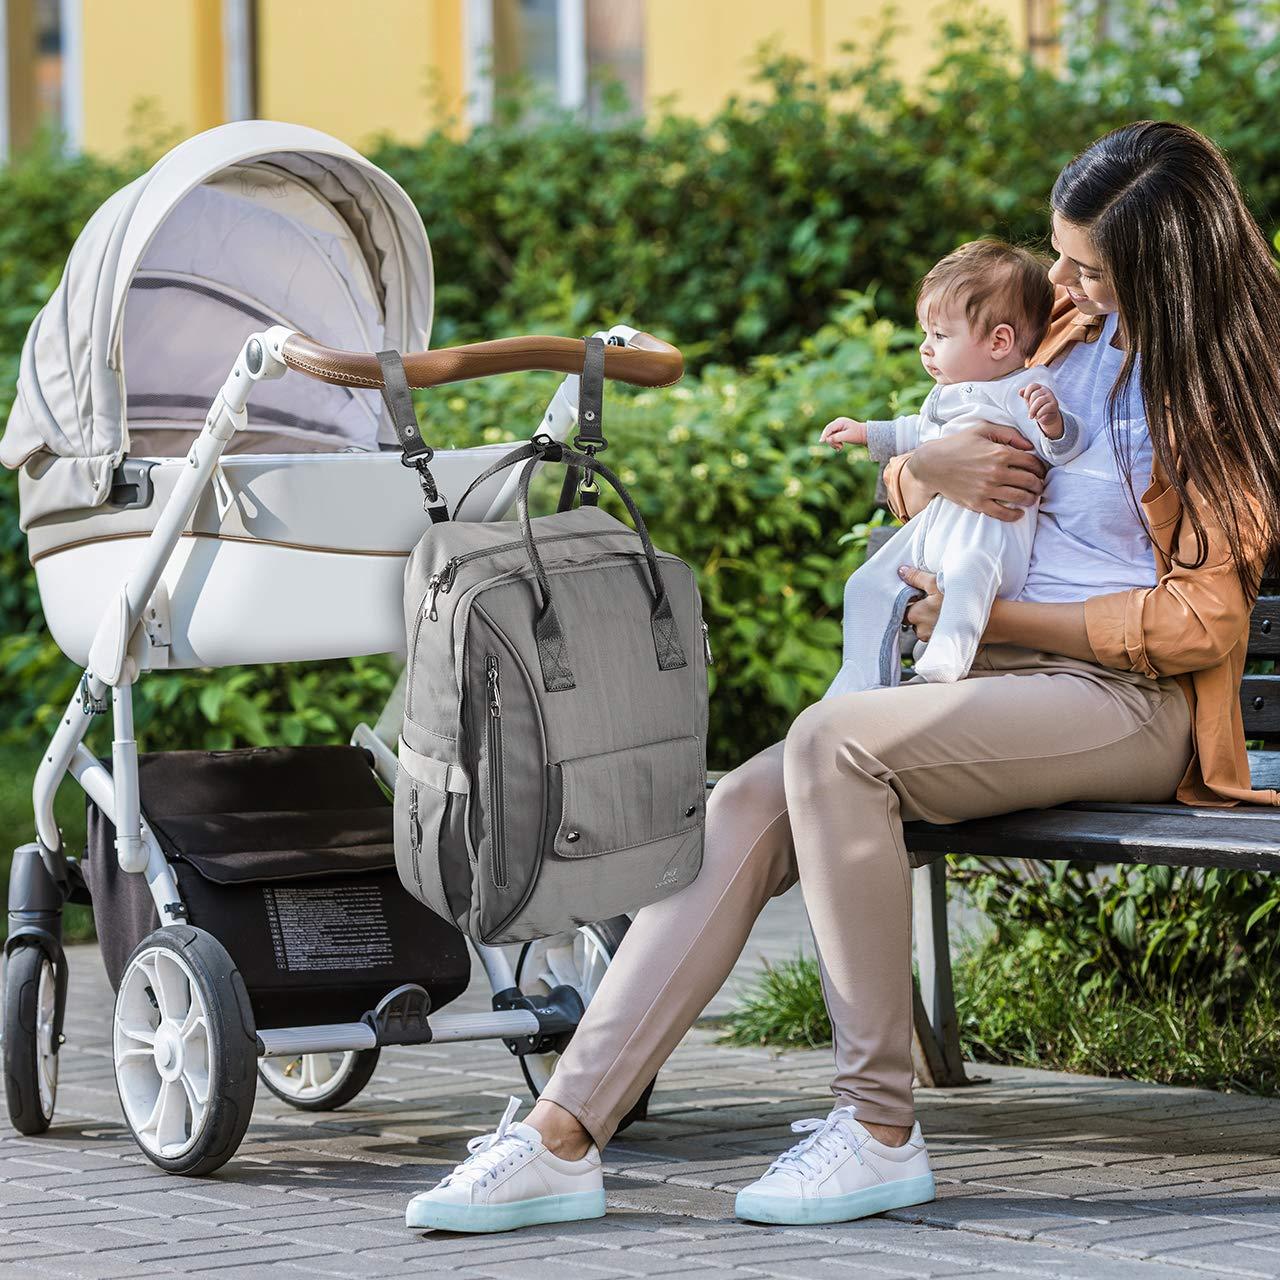 Bolsa de Viaje Duradera para Madre y Padre Bolsa para Beb/é Multifuncional de Gran Capacidad OMORC Mochila de Pa/ñales Gris Mochila de Cambio Beb/é para Viajar con 2 Ganchos para Cochecito de Beb/é